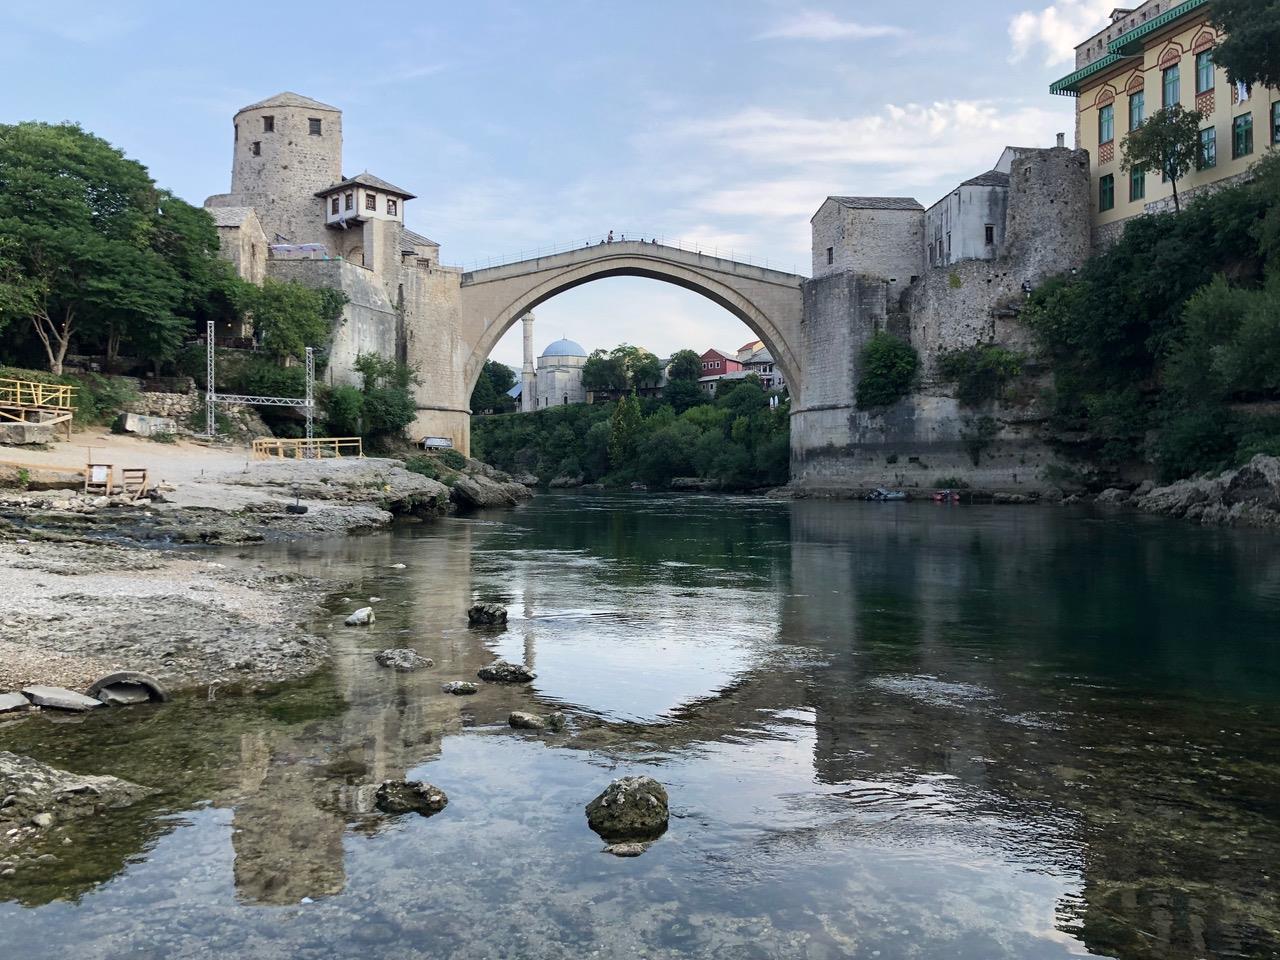 Imaxe de: En torno a Bosnia y Herzegovina